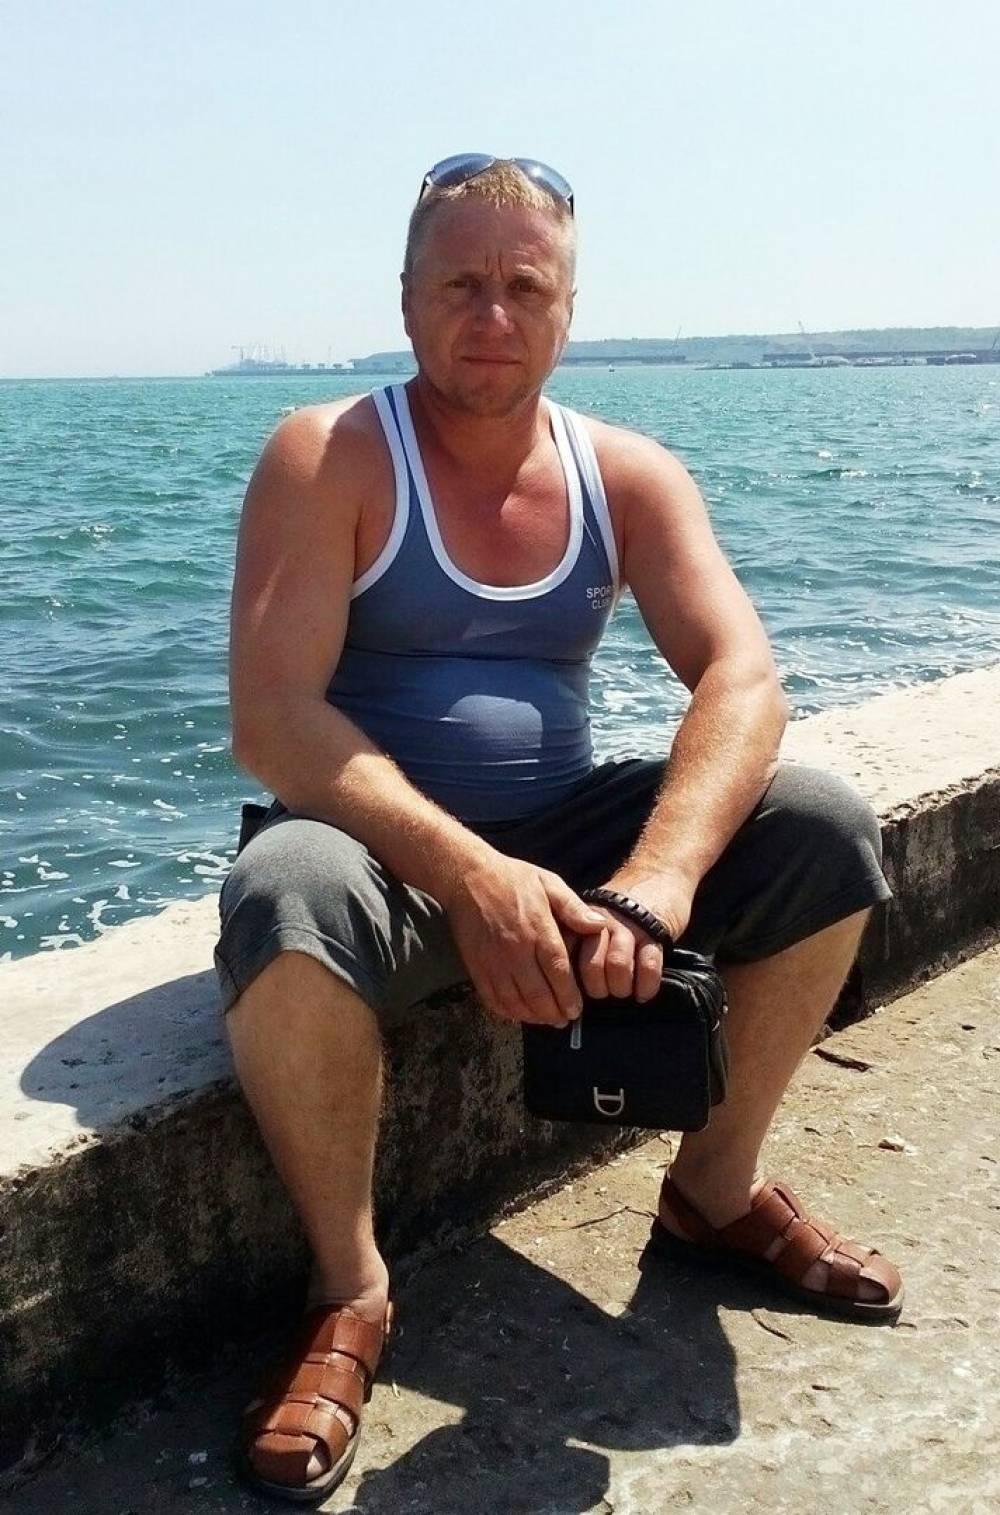 Сотрудниками УМВД России по городу Керчи разыскивается без вести пропавший житель Ленинского района Республики Крым Ващенко Виктор Николаевич 1974 года рождения.